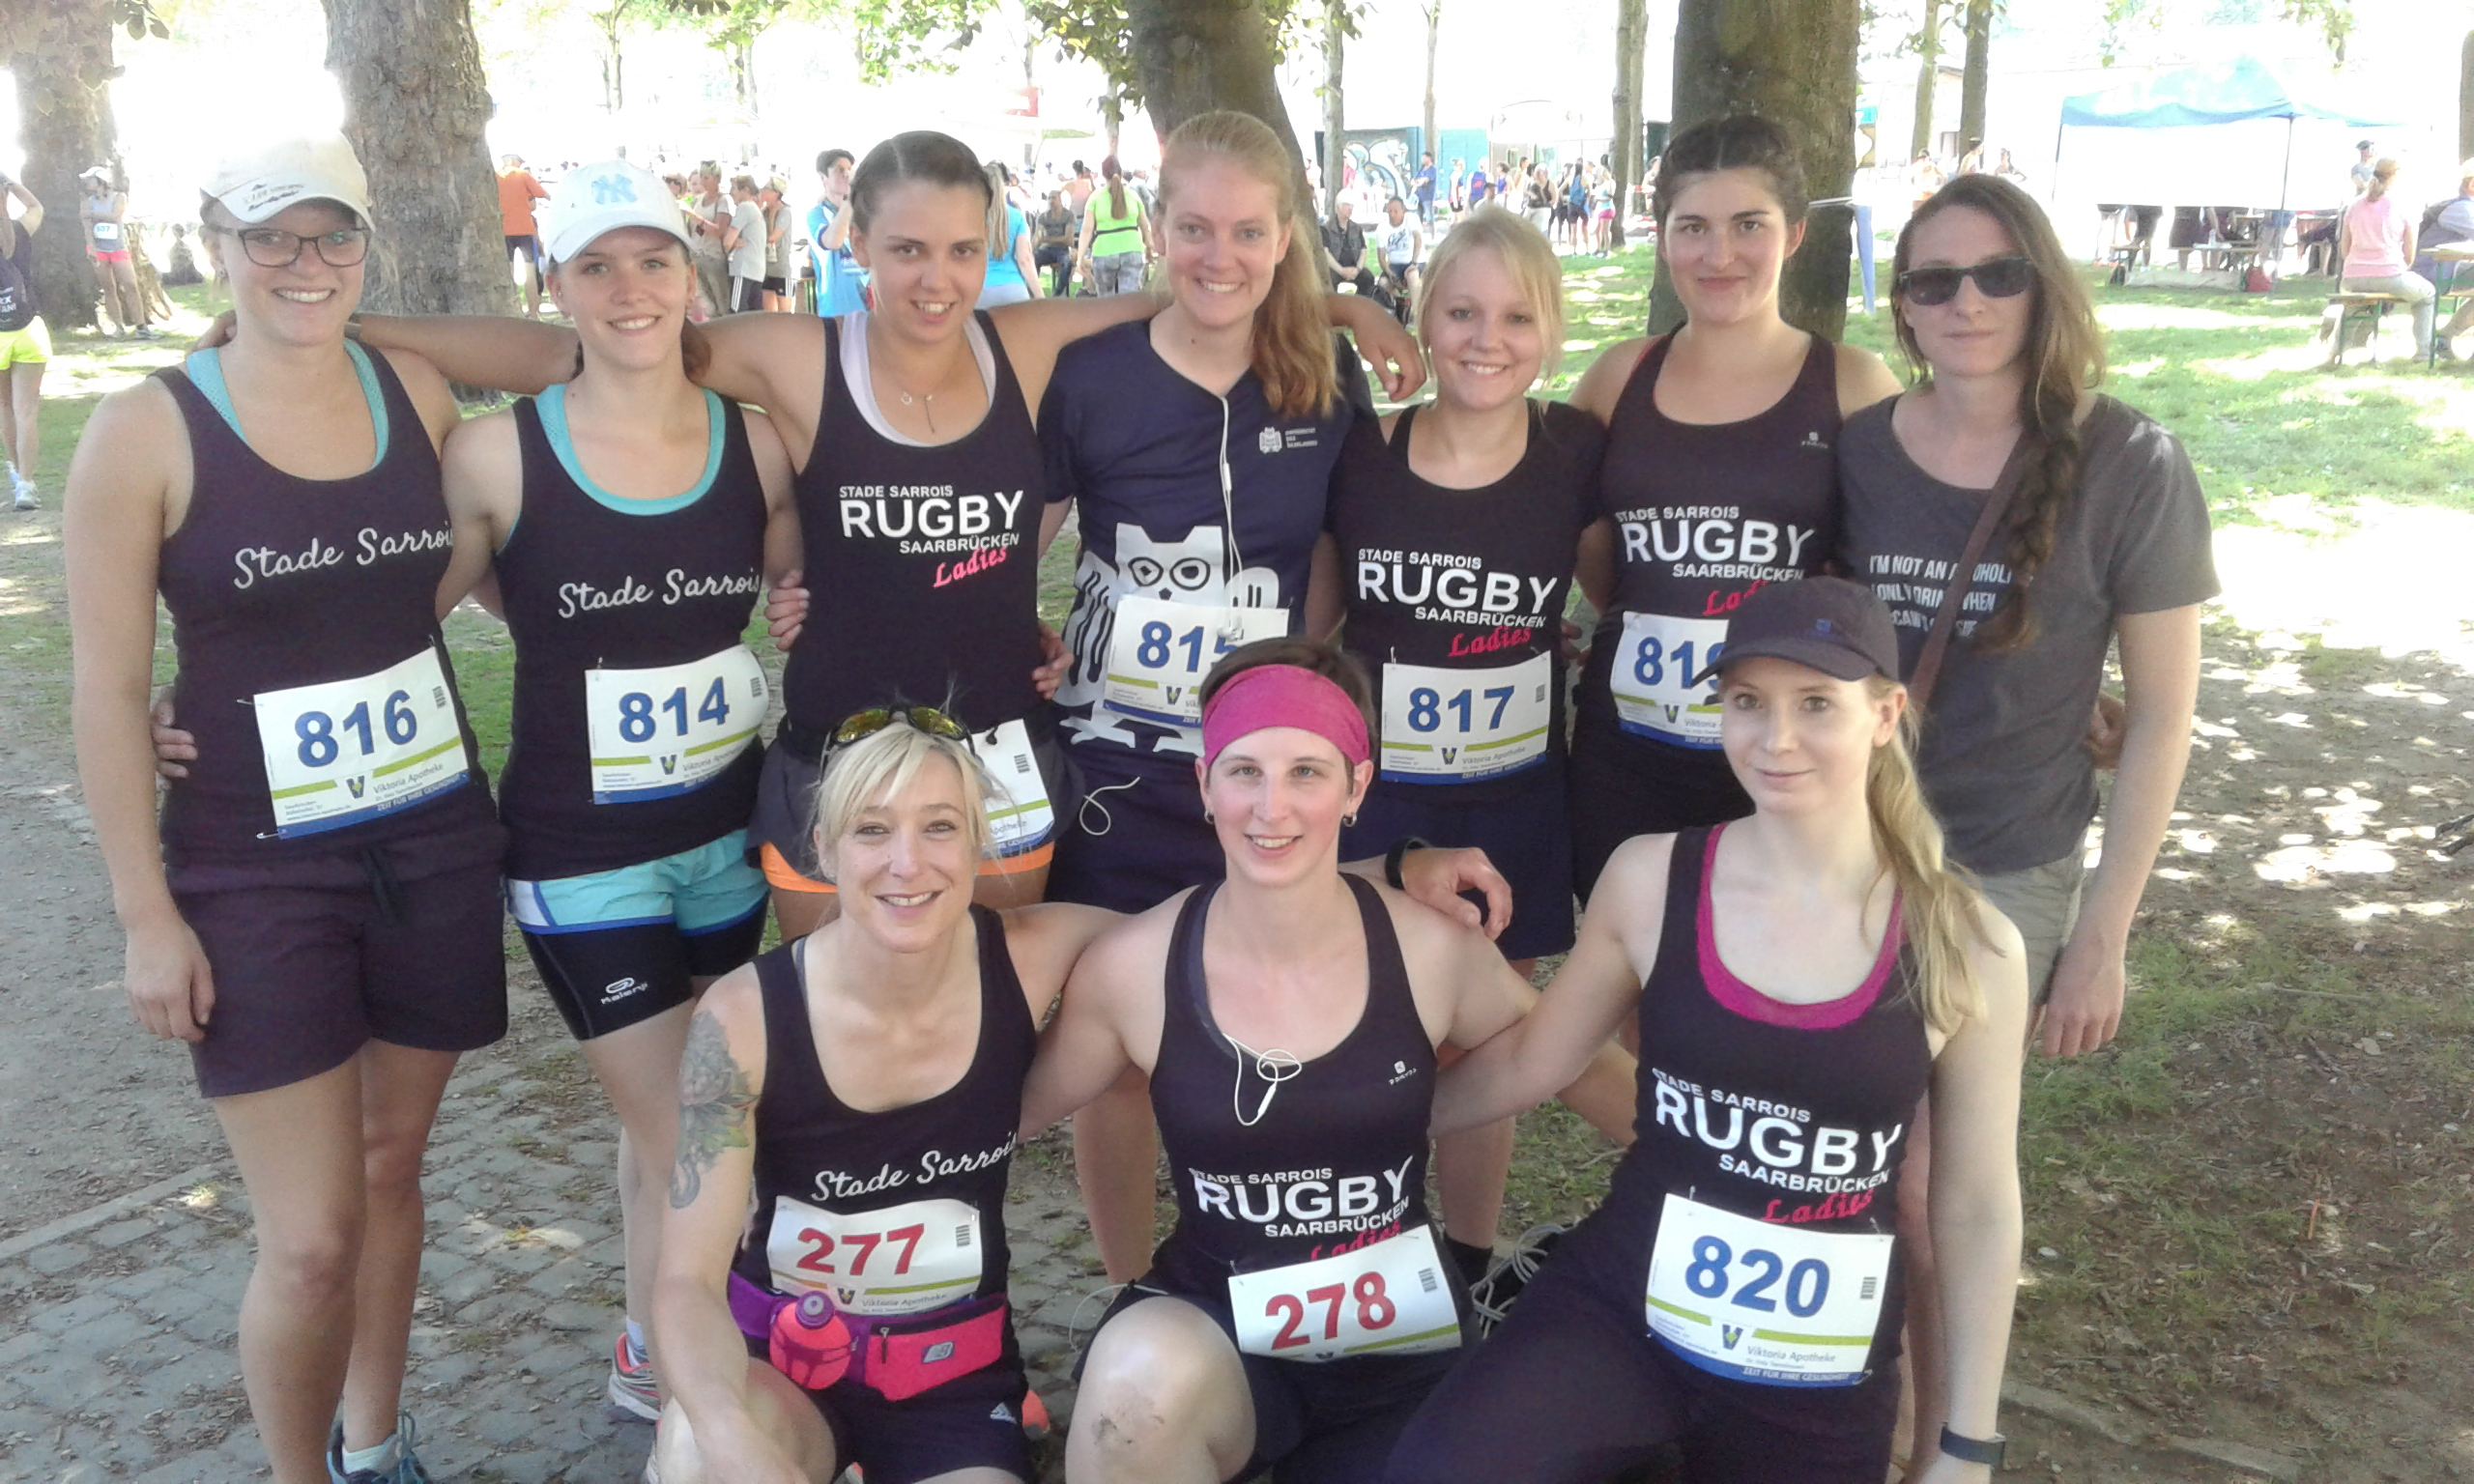 Stade Sarrois Rugby LAdies beim 16. Saarbrücker Frauenlauf